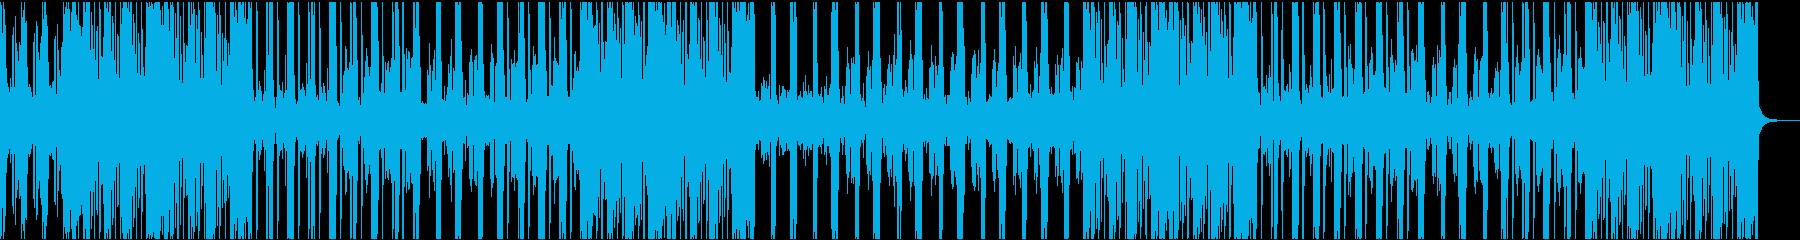 ギャングラップ 積極的 焦り スタ...の再生済みの波形